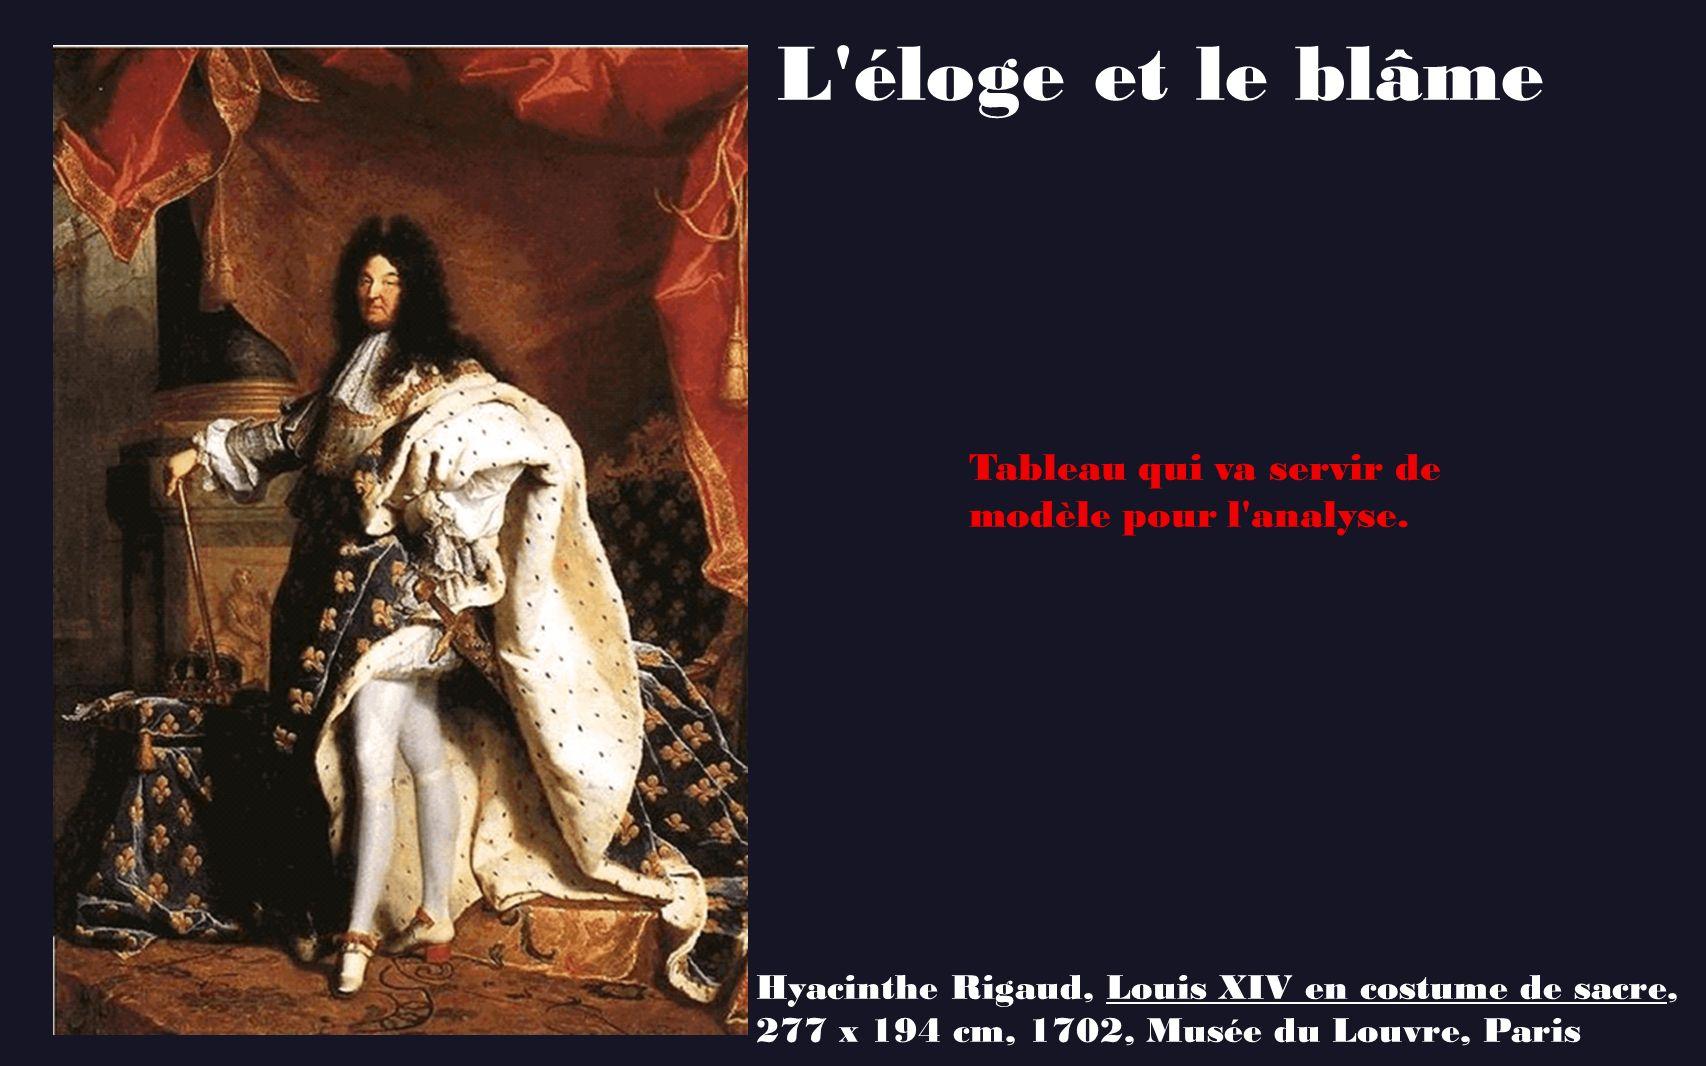 L'éloge et le blâme Hyacinthe Rigaud, Louis XIV en costume de sacre, 277 x 194 cm, 1702, Musée du Louvre, Paris Tableau qui va servir de modèle pour l